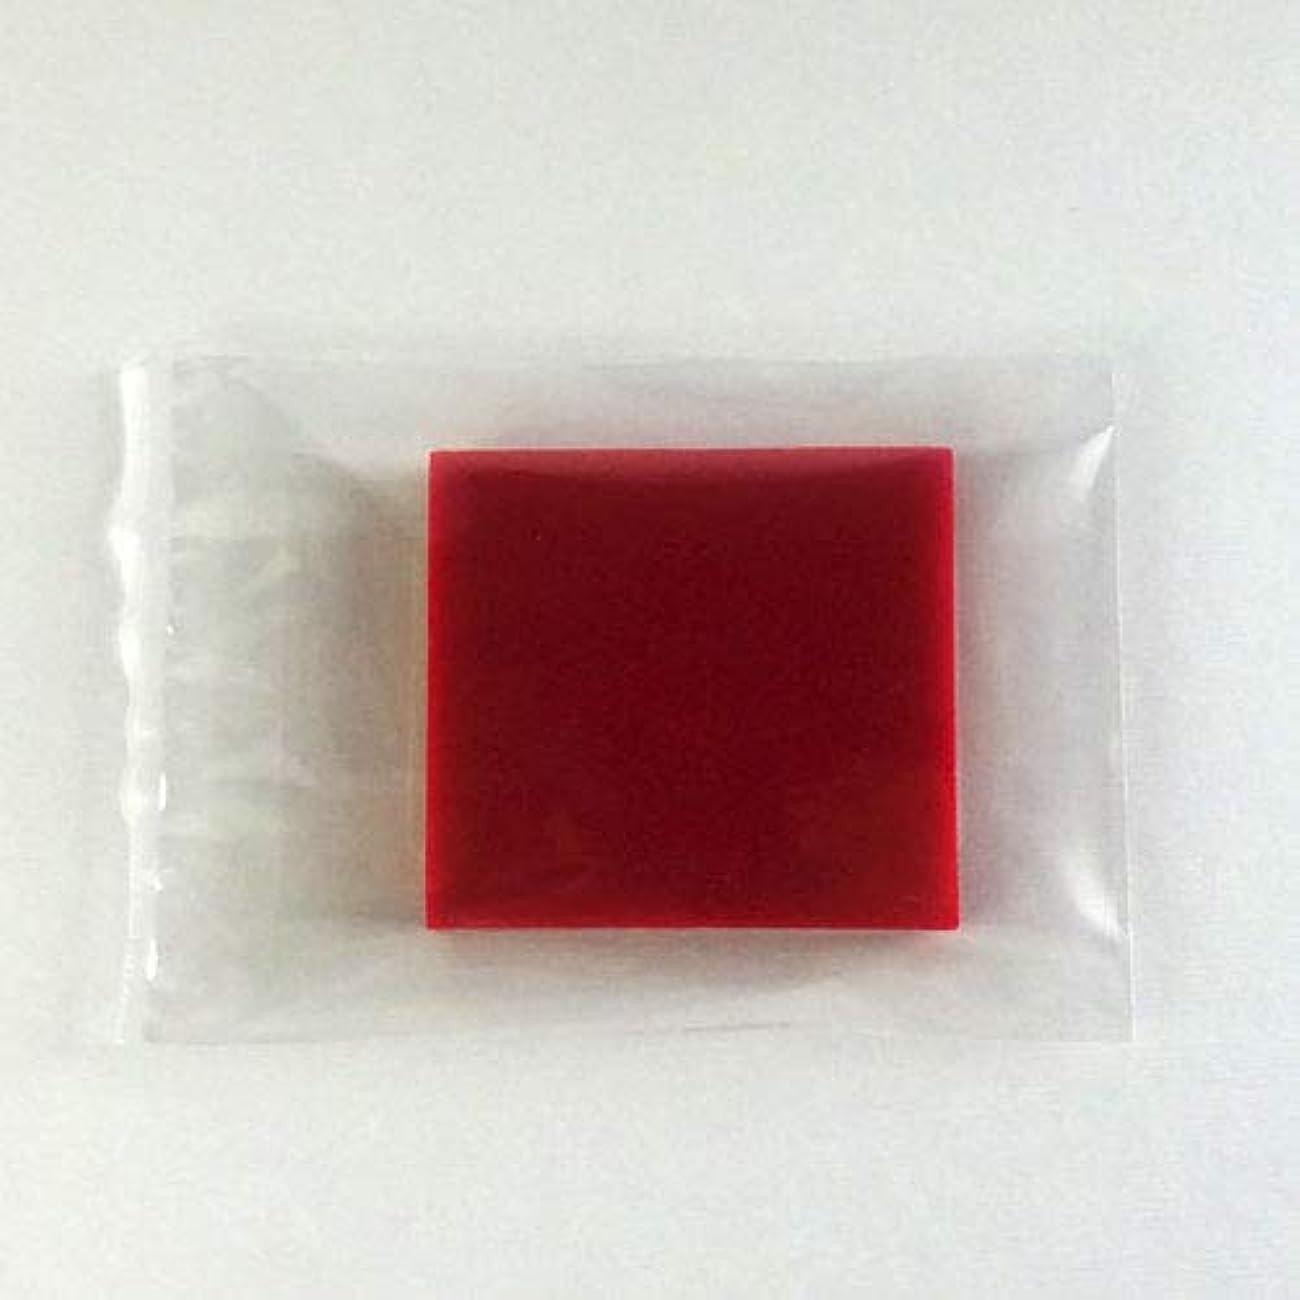 基礎反対憲法グリセリンソープ MPソープ 色チップ 赤(レッド) 120g(30g x 4pc)